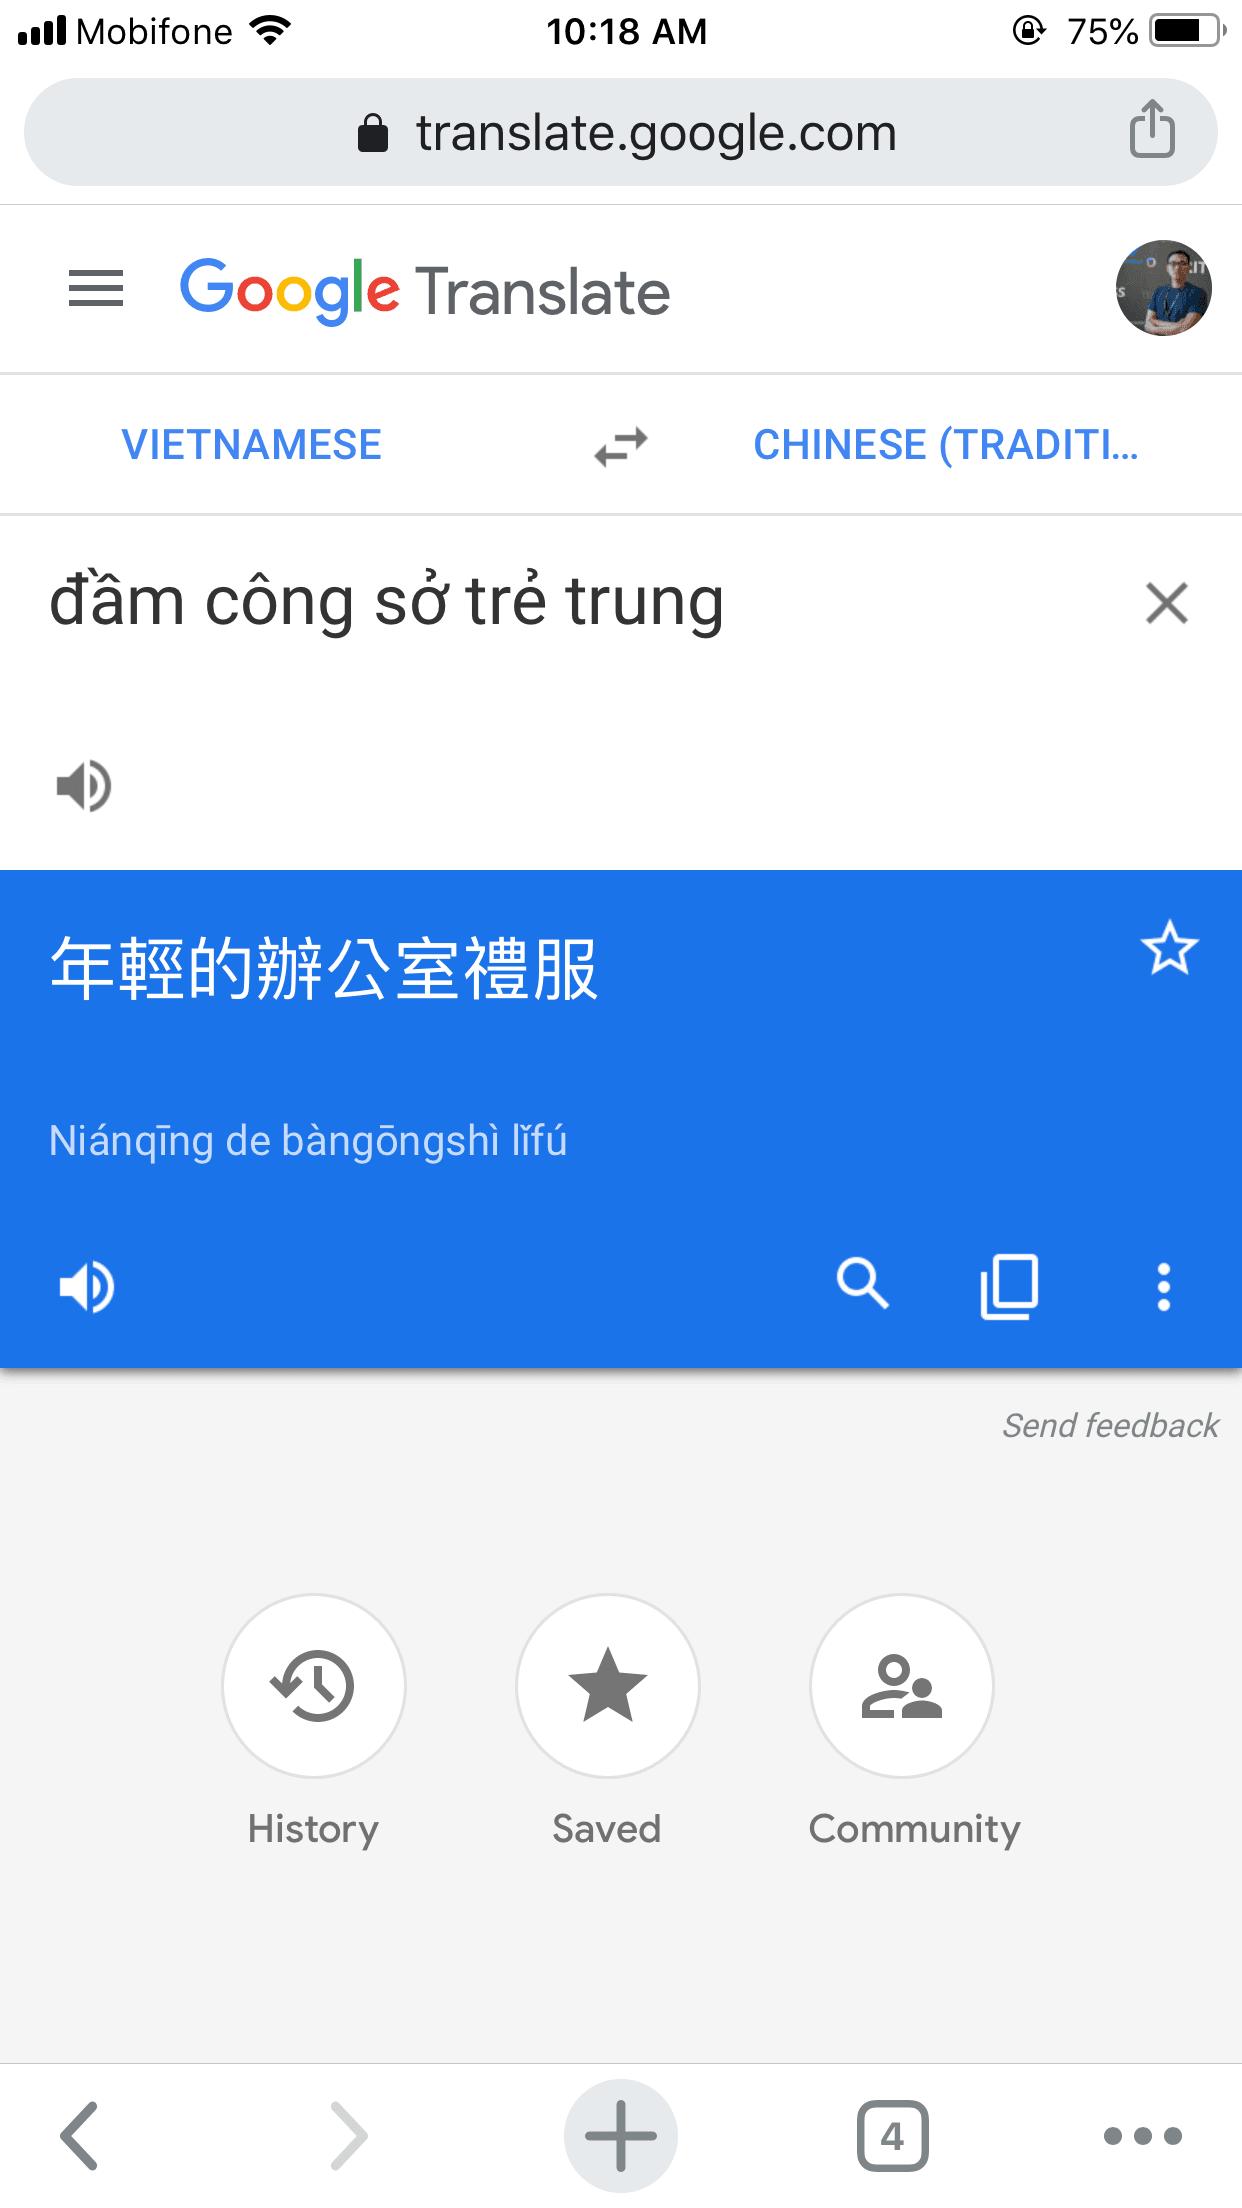 Tim-nguon-hang-taobao-7